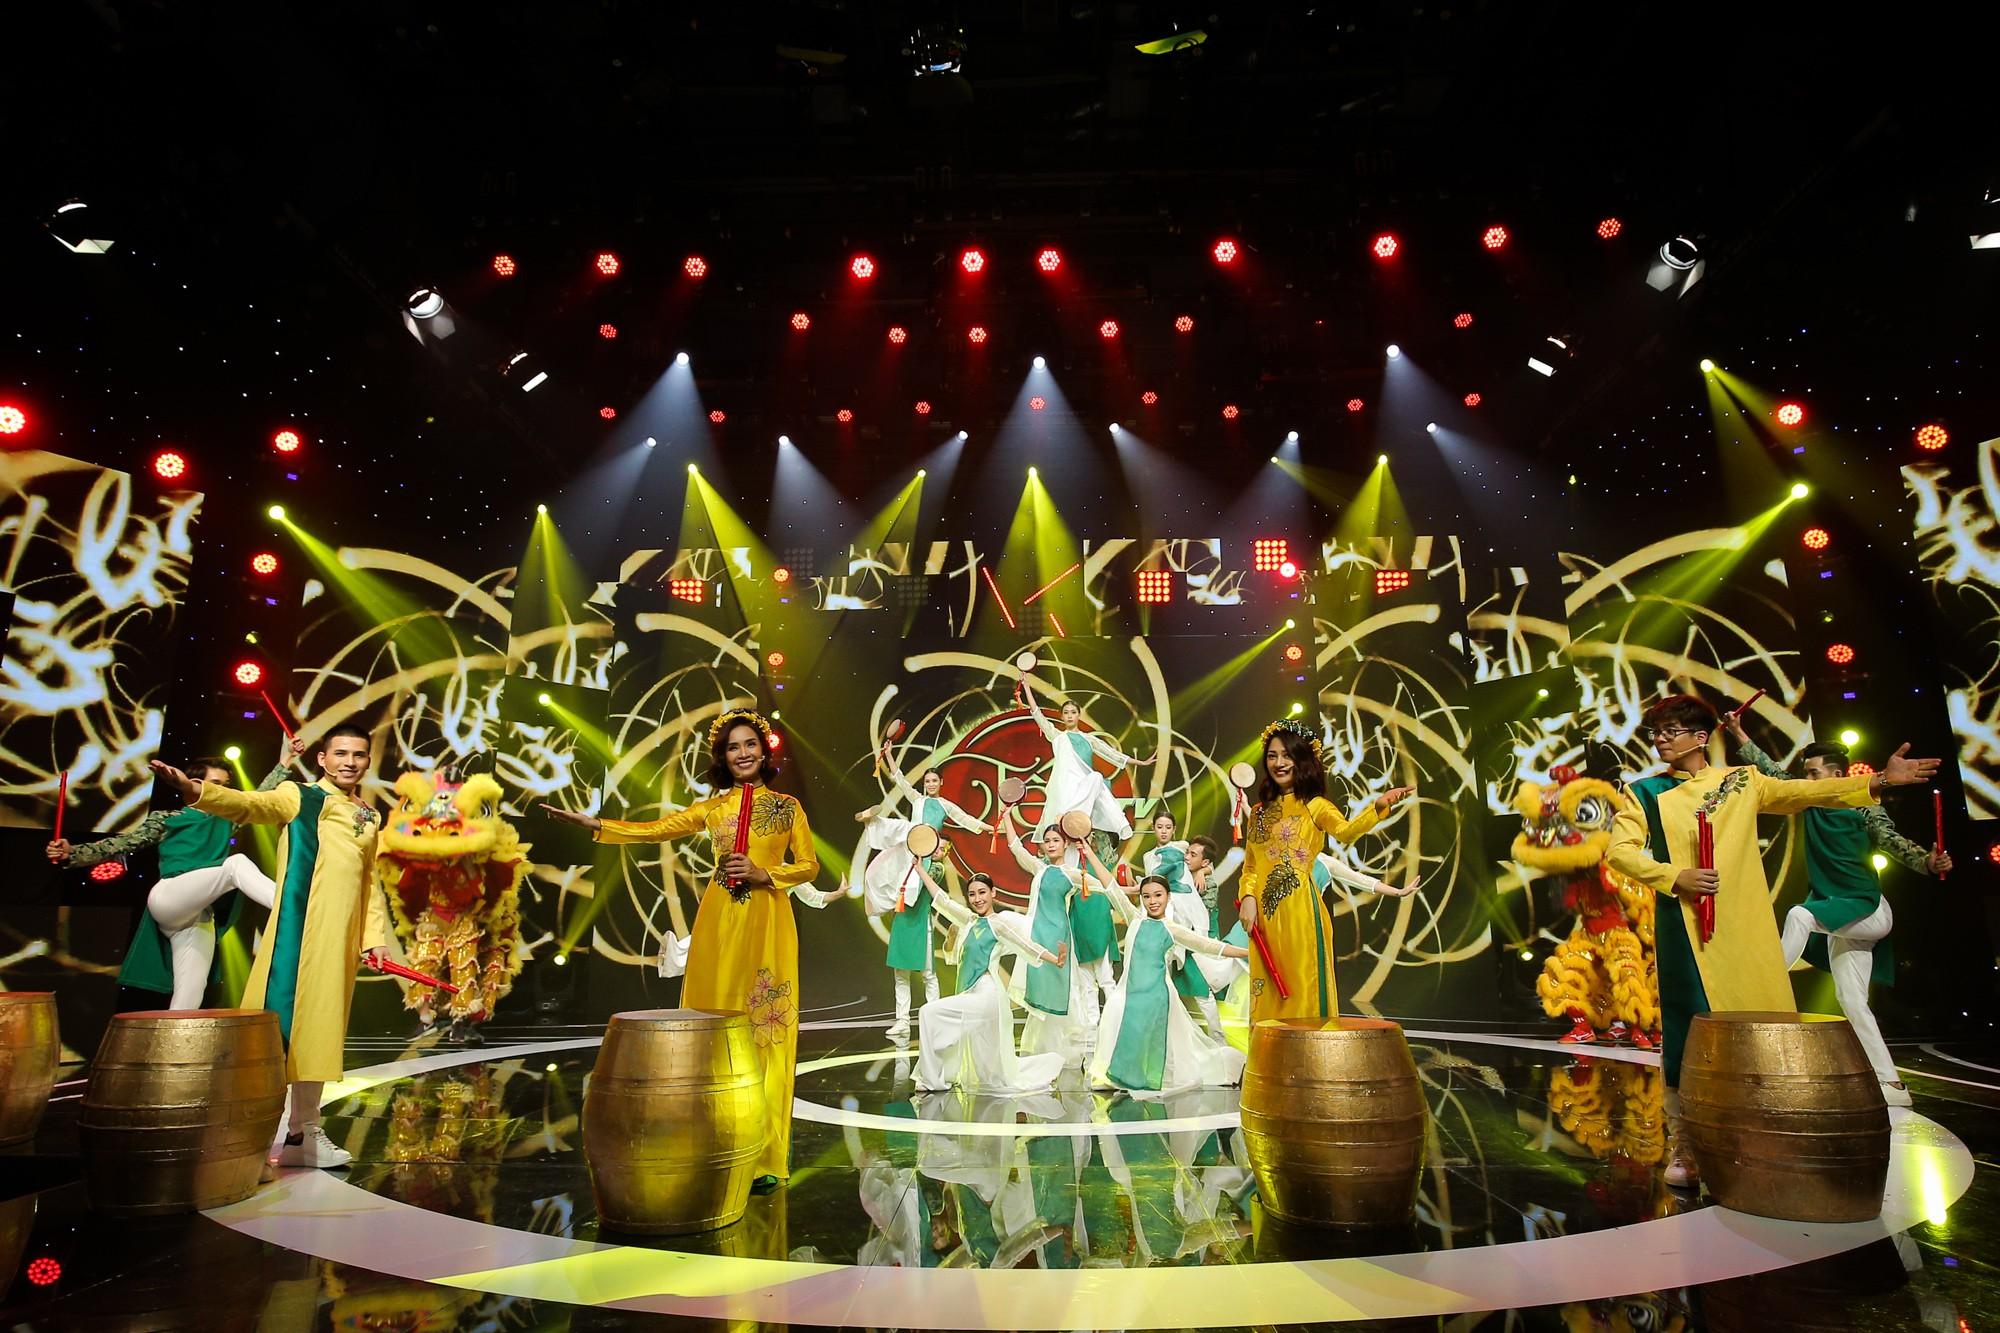 Hồ Ngọc Hà, Noo Phước Thịnh cùng hơn 30 nghệ sĩ Vpop đồng loạt quy tụ trong chương trình nhạc Xuân rộn ràng - Ảnh 6.